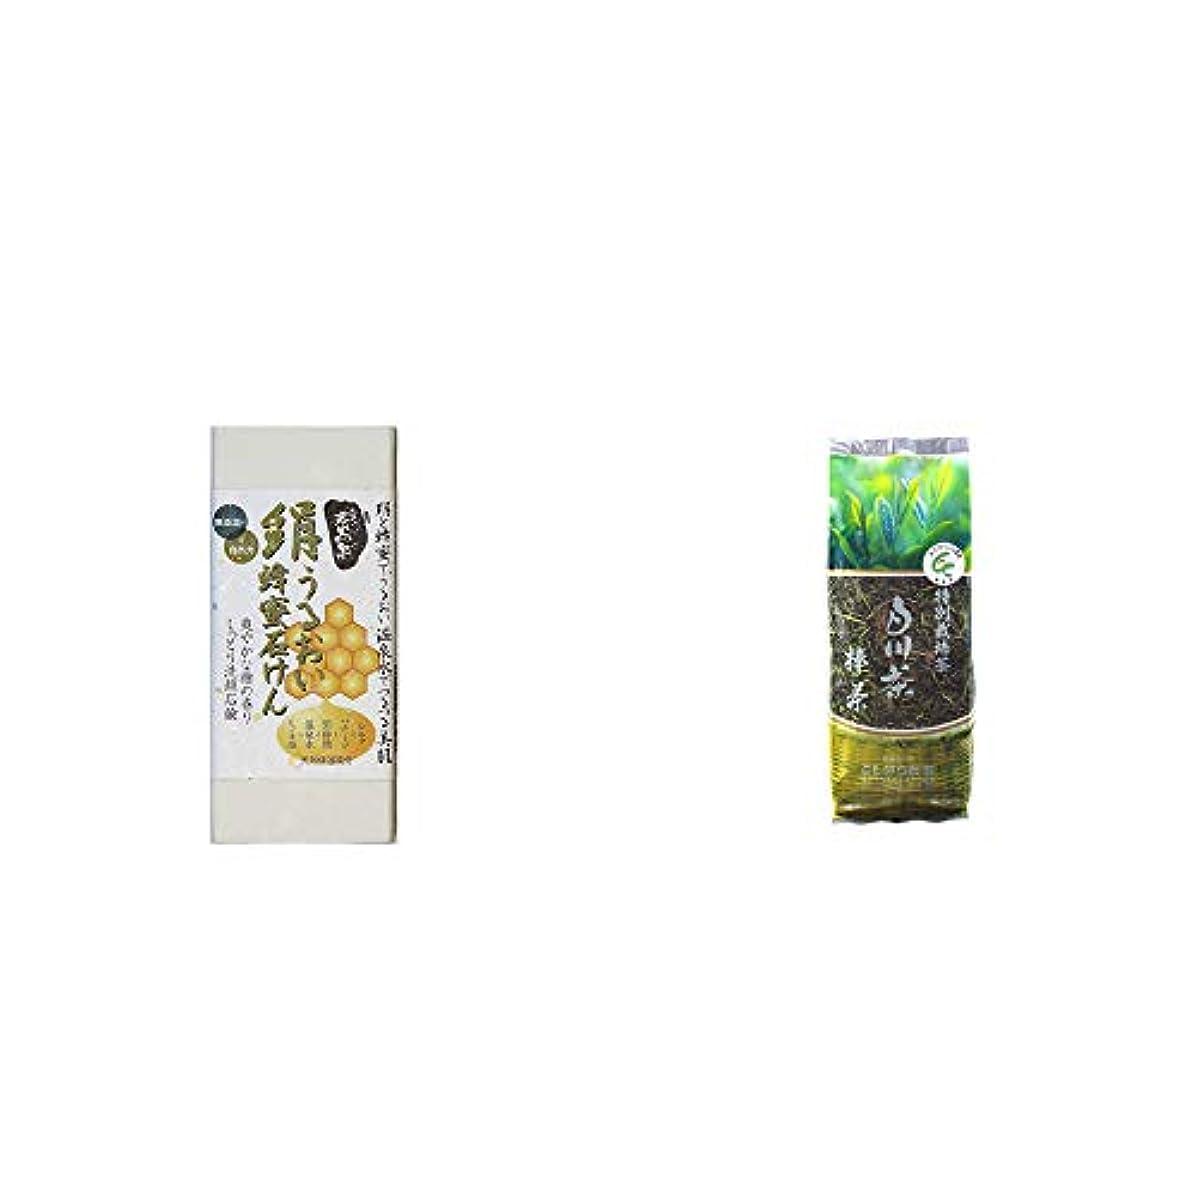 マガジンマーティンルーサーキングジュニアスピリチュアル[2点セット] ひのき炭黒泉 絹うるおい蜂蜜石けん(75g×2)?白川茶 特別栽培茶【棒茶】(150g)